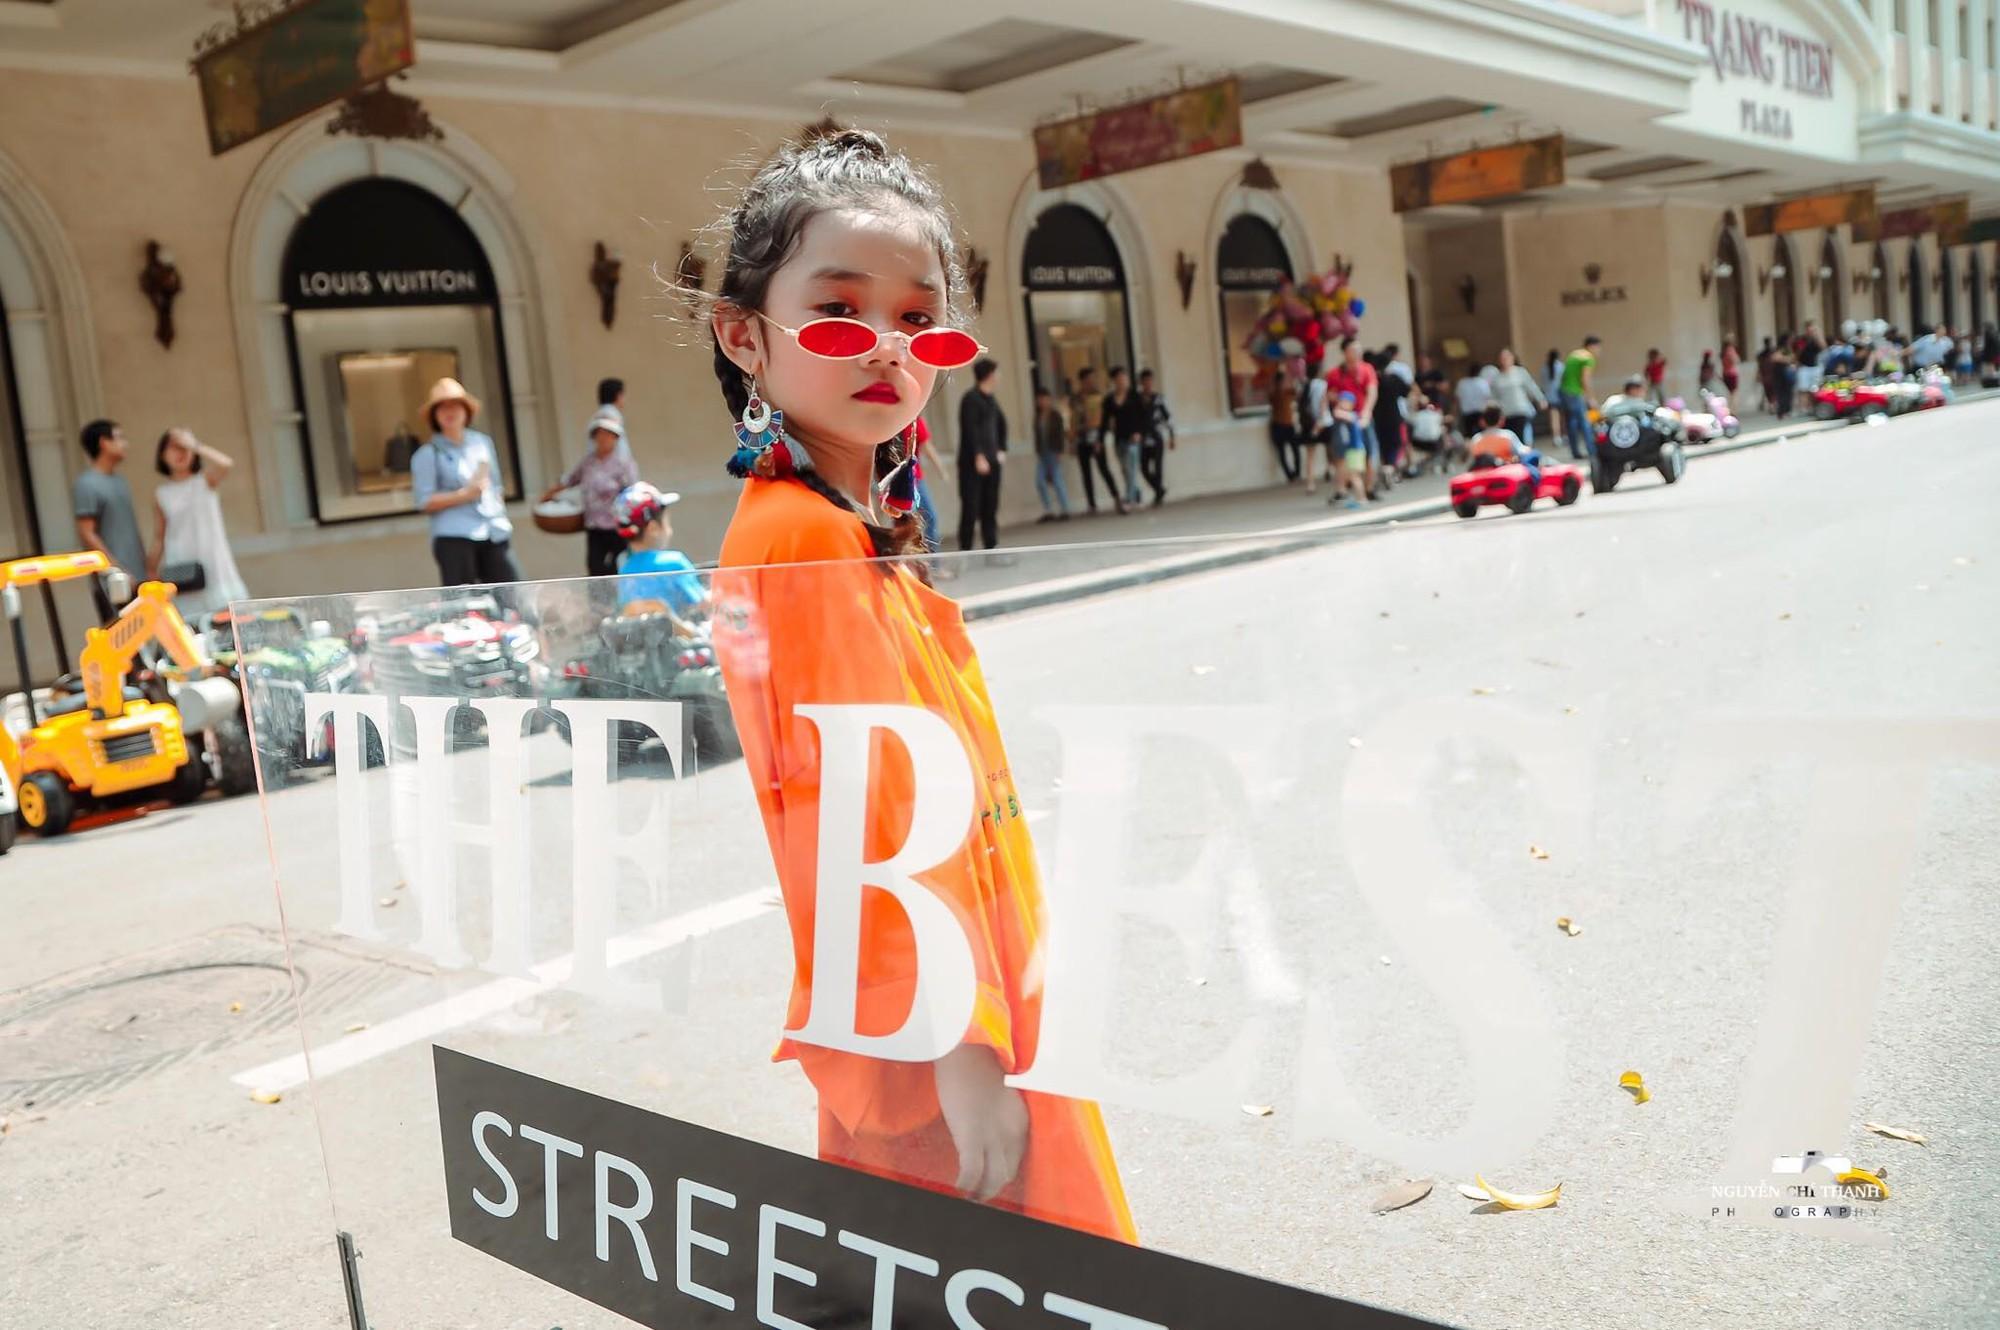 2 mẫu nhí nổi bật với street style ấn tượng ở VIFW: 5,6 tuổi đã sở hữu thần thái không phải dạng vừa - Ảnh 2.